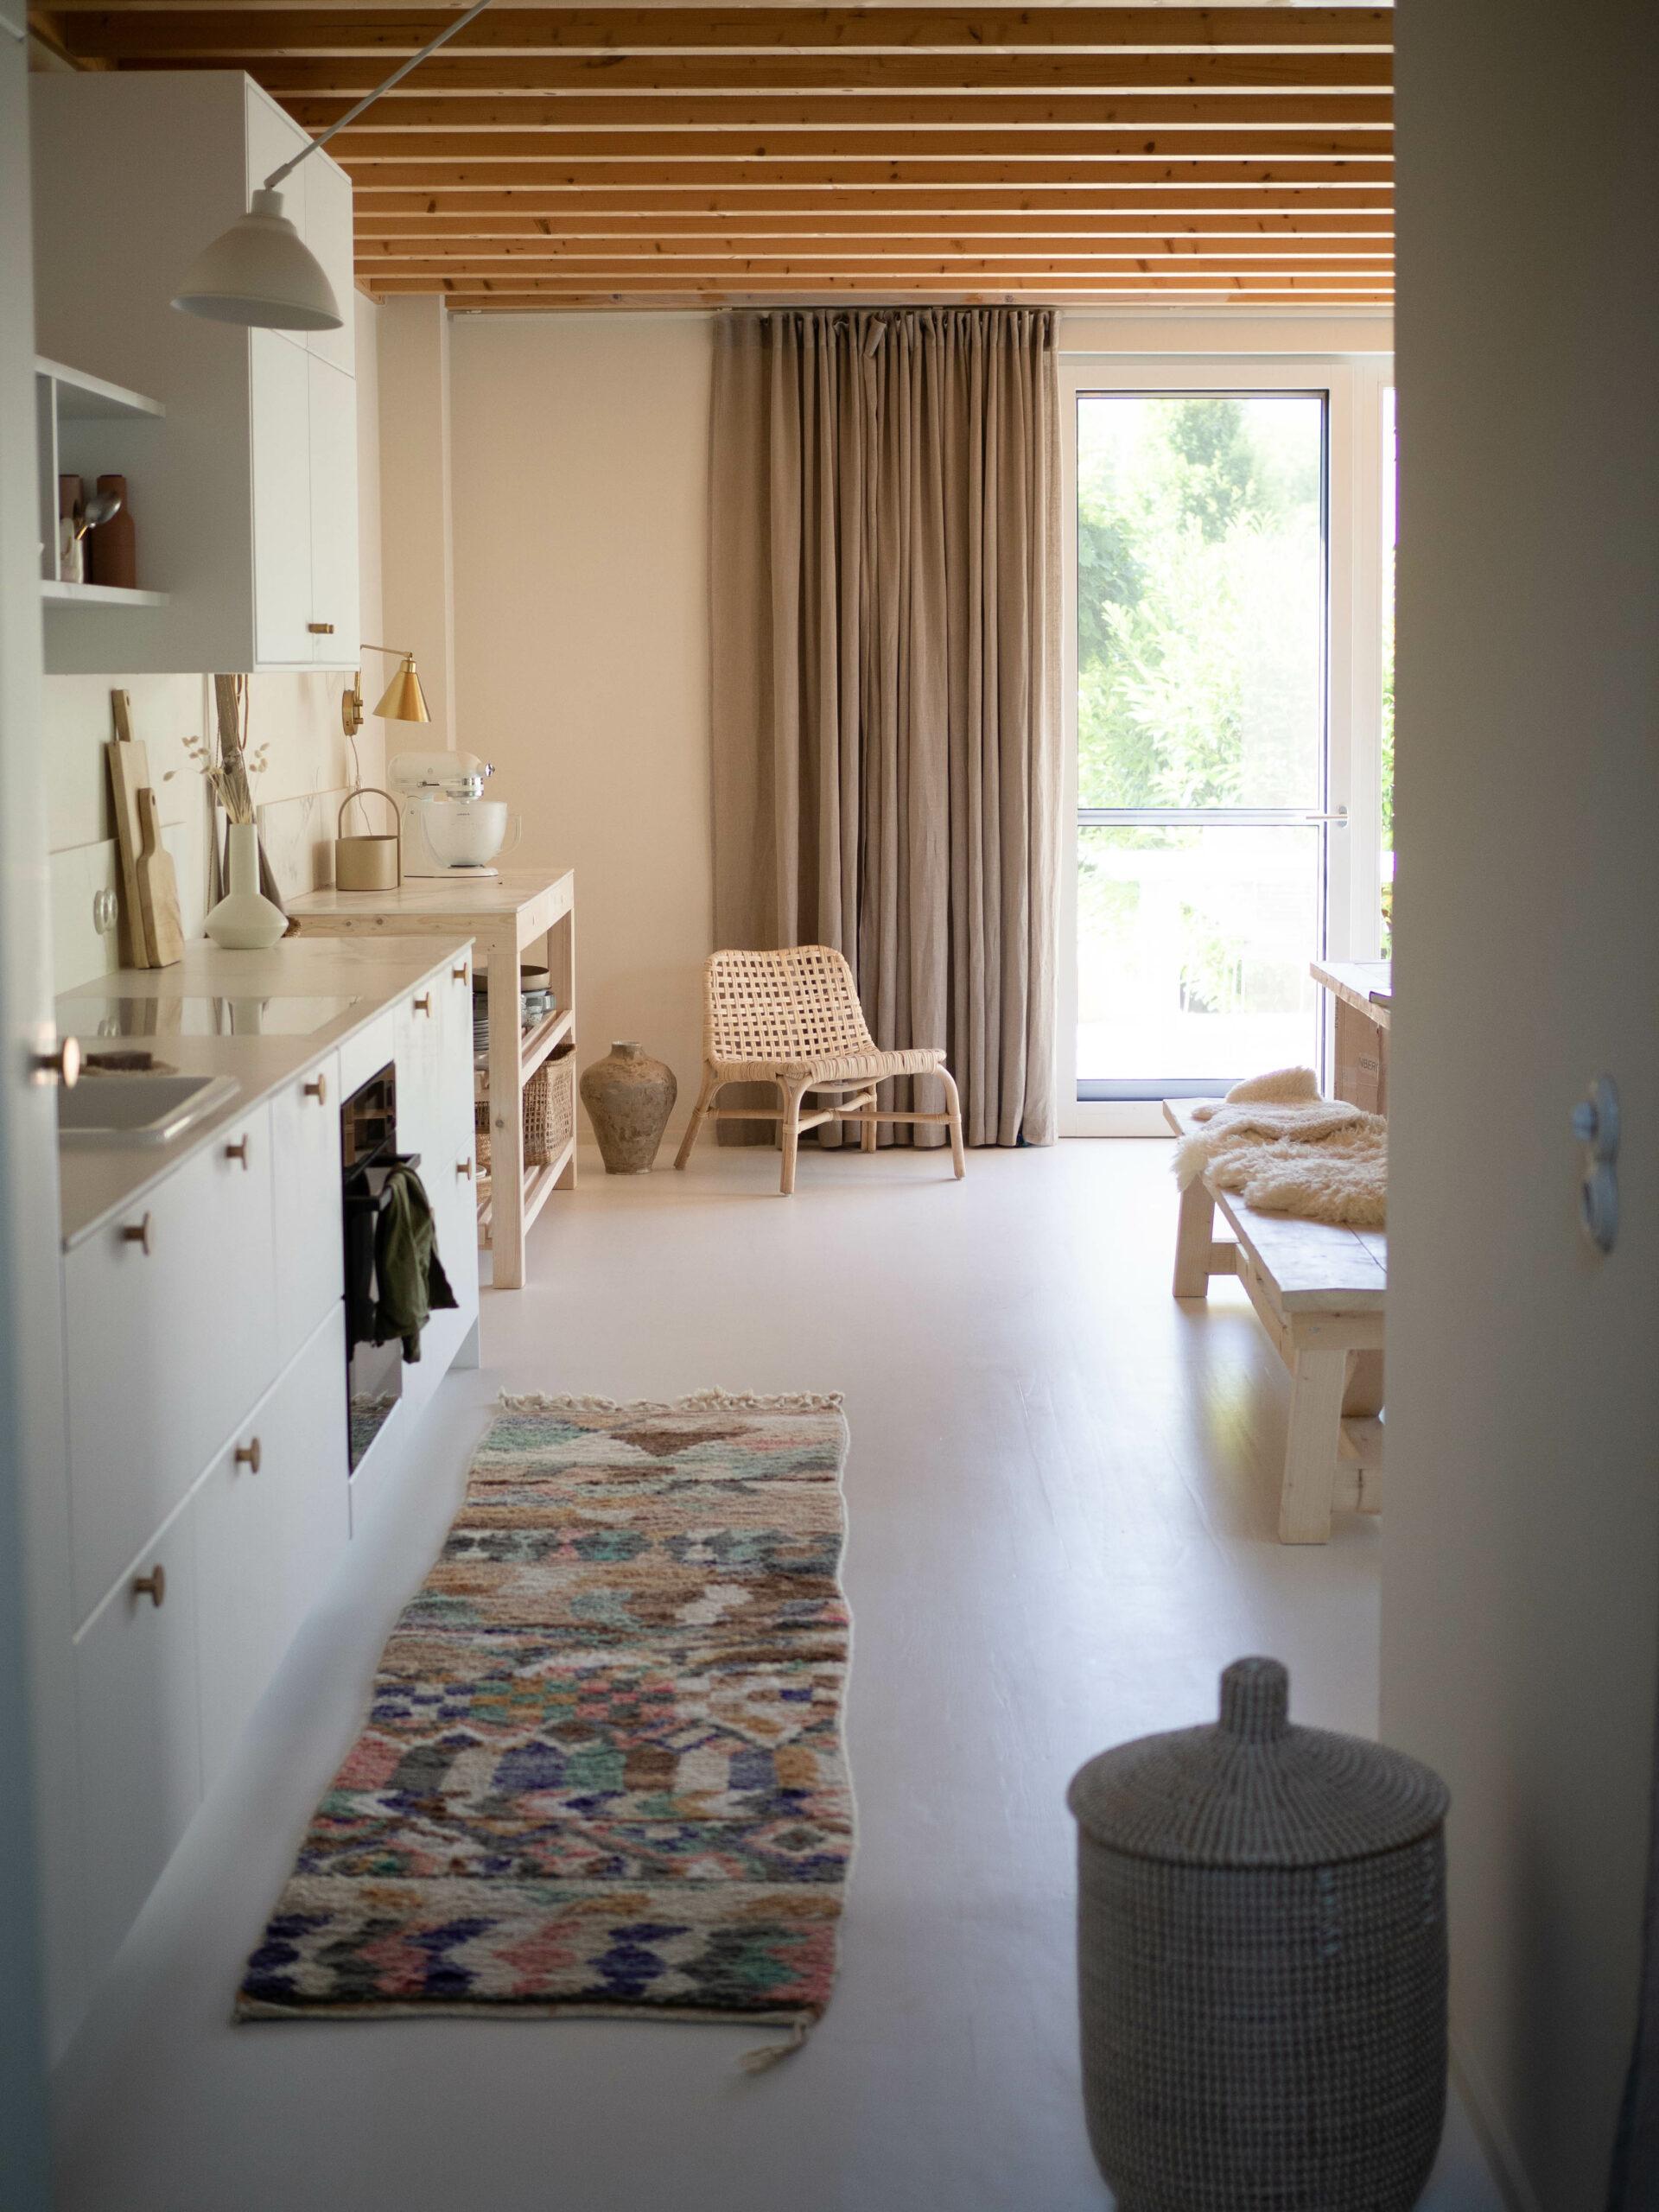 Einblick in weiße Küche mit viel Holzelementen